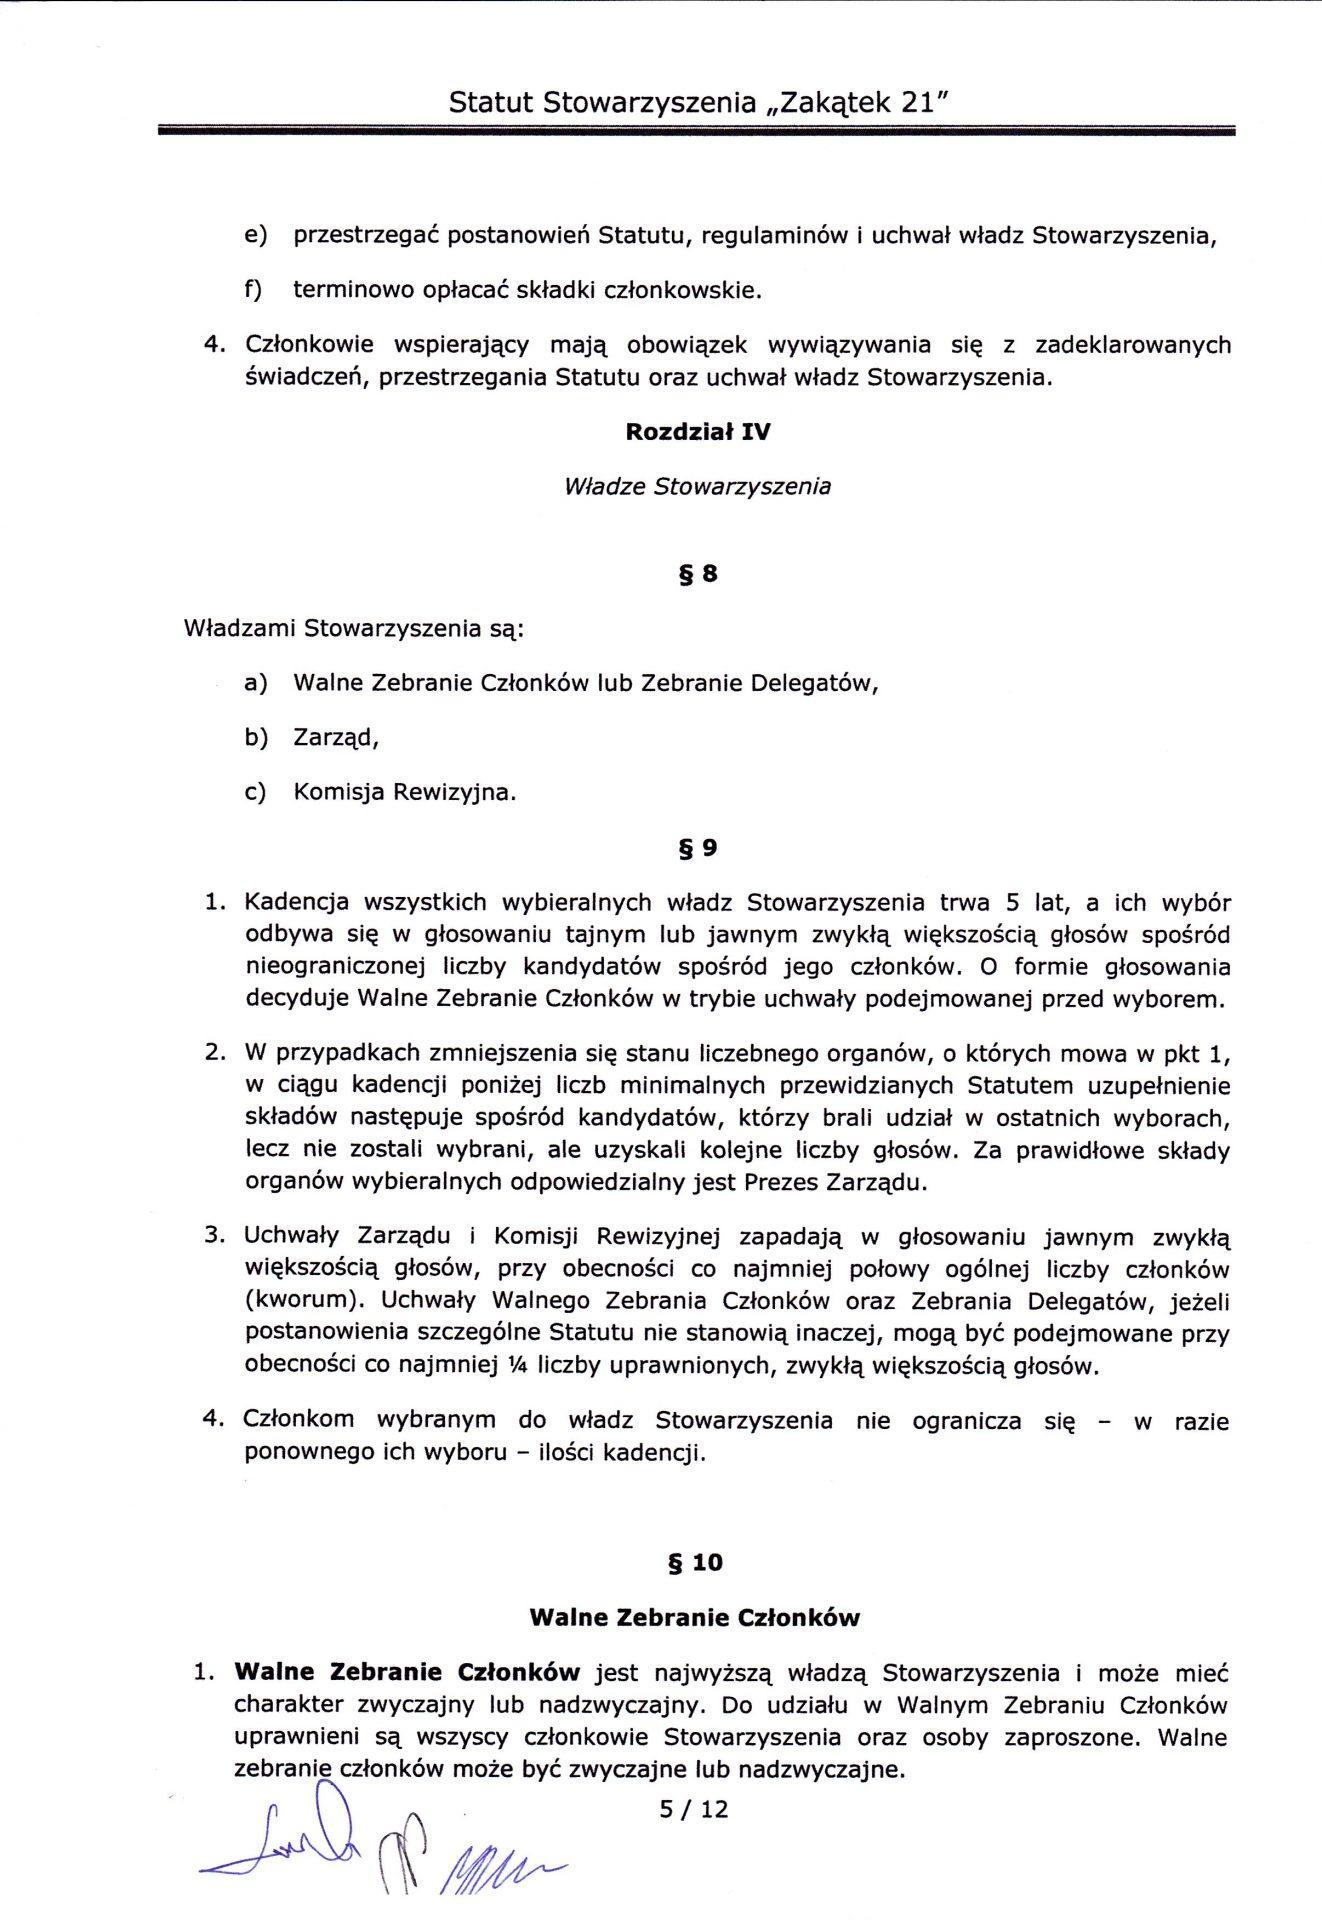 strona piąta statutu